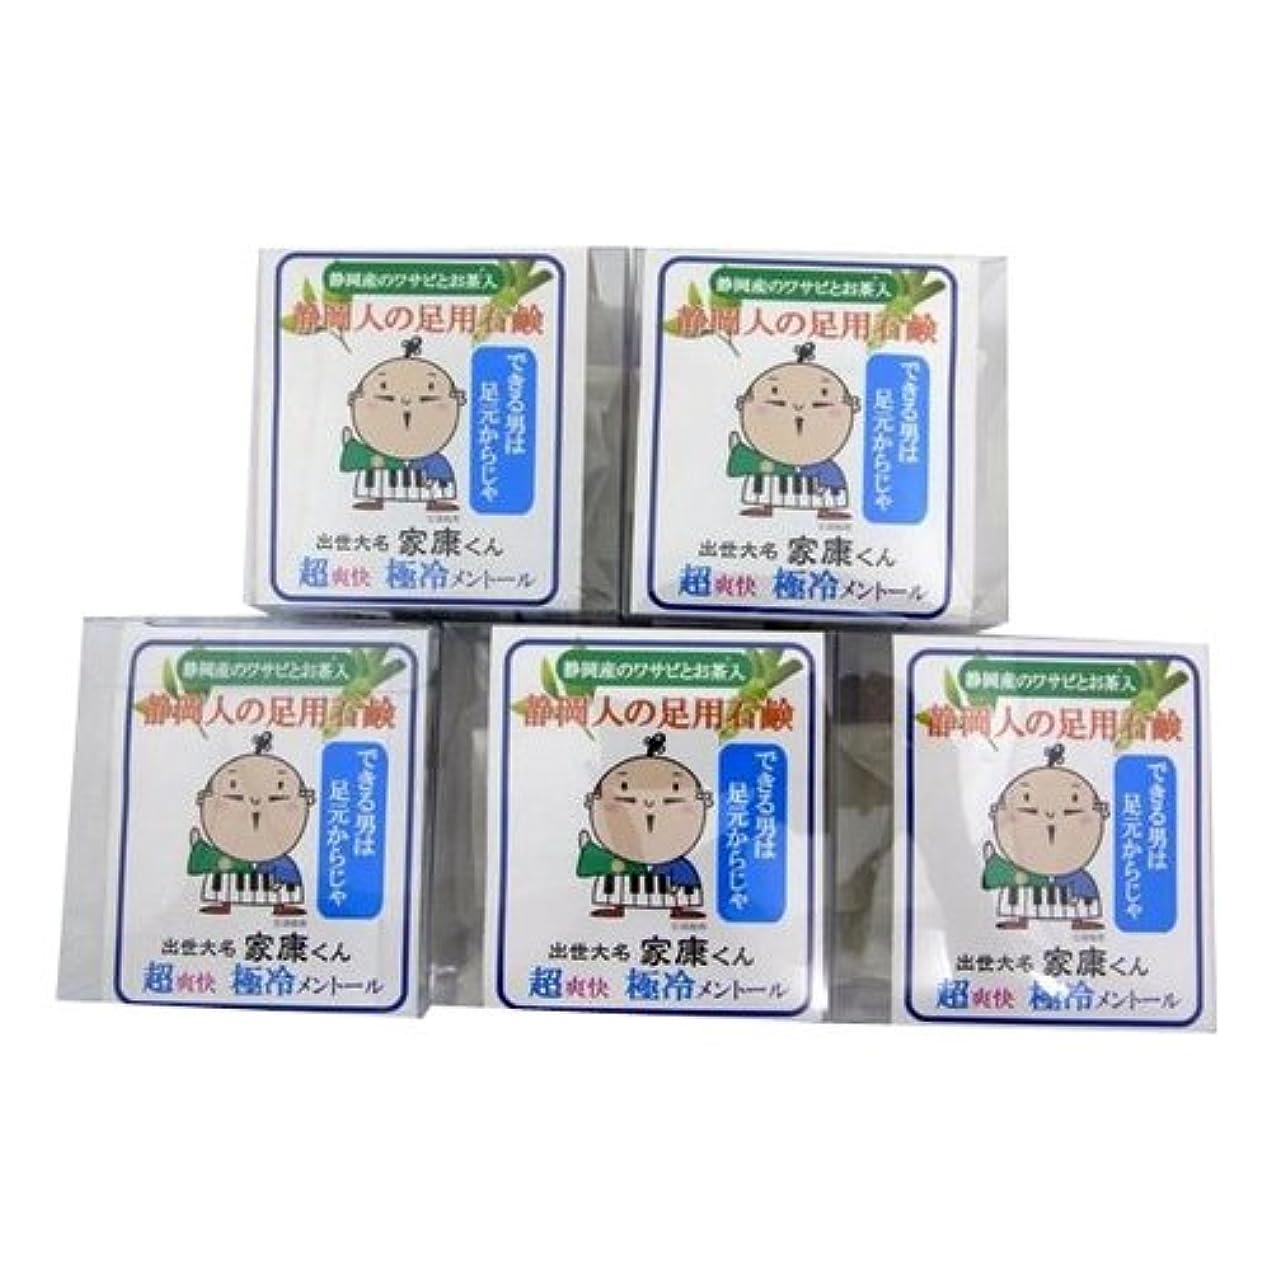 家庭教師ネックレット気楽なエコライフラボ 静岡人の足用石鹸60g (ネット付) 5個セット